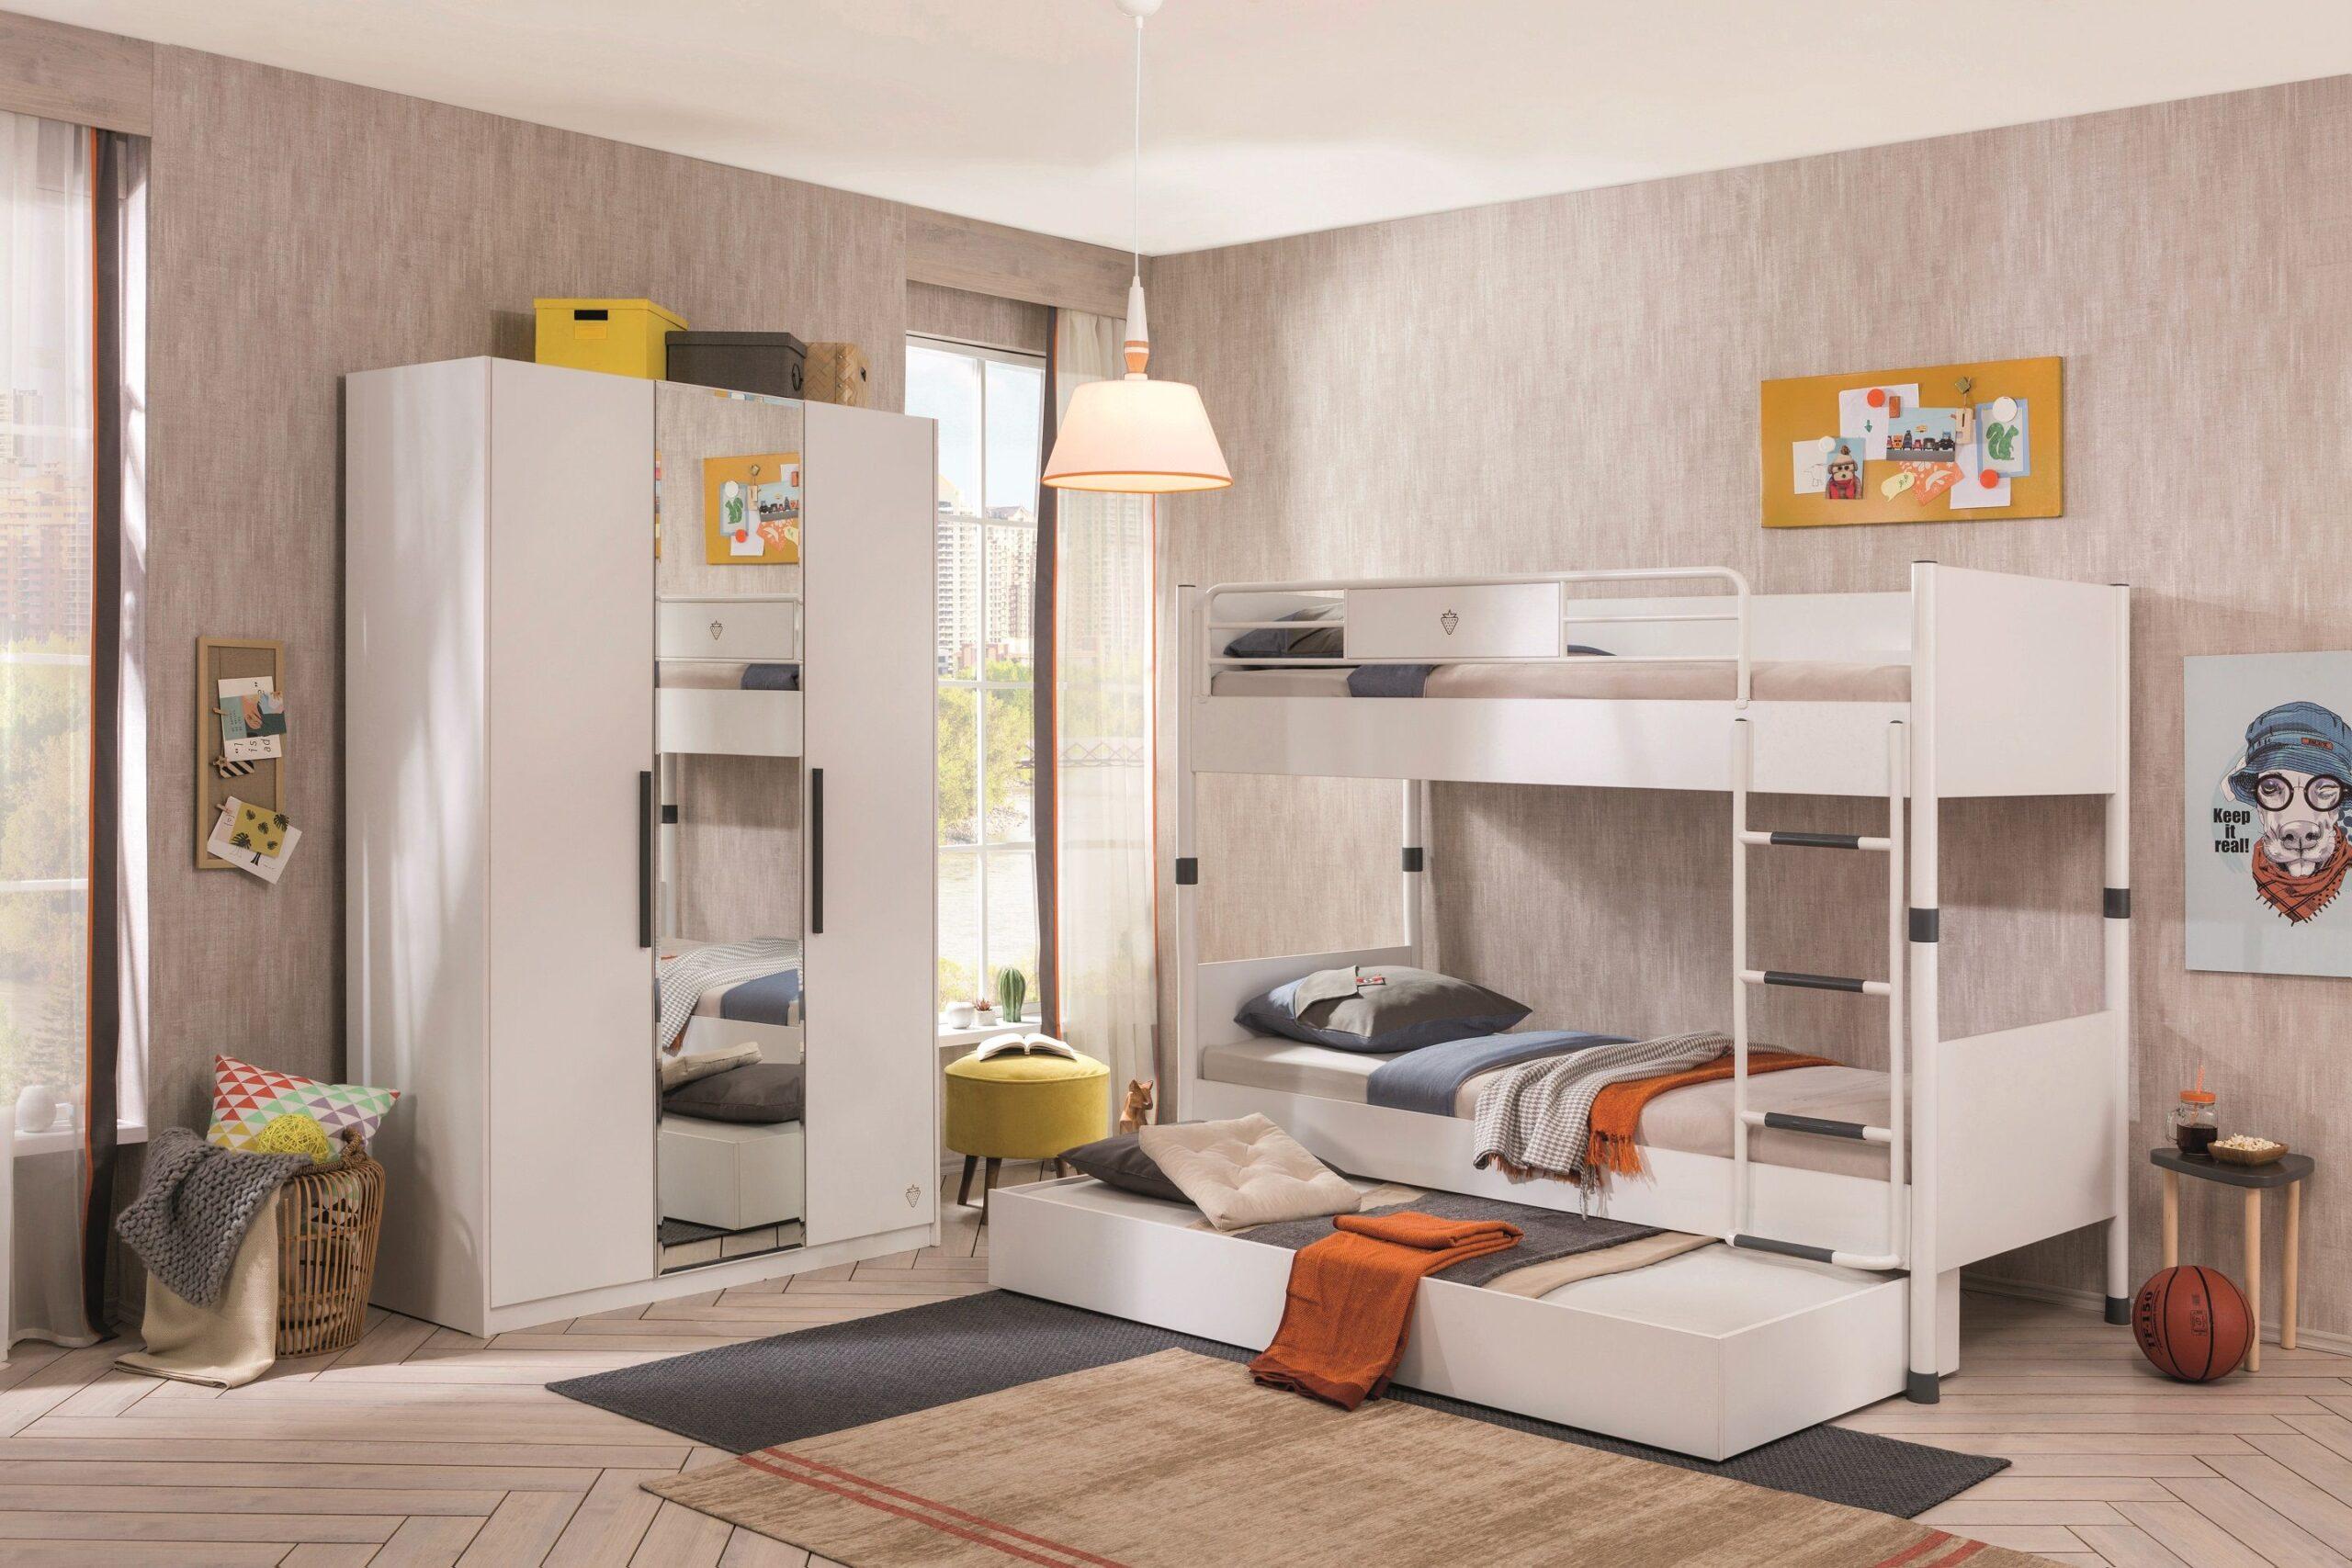 Full Size of Kleiderschrank Real Stoff Mit Spiegel Kinder Schwarz Barbie Kinderzimmer Schrank Baby White Regal Wohnzimmer Kleiderschrank Real